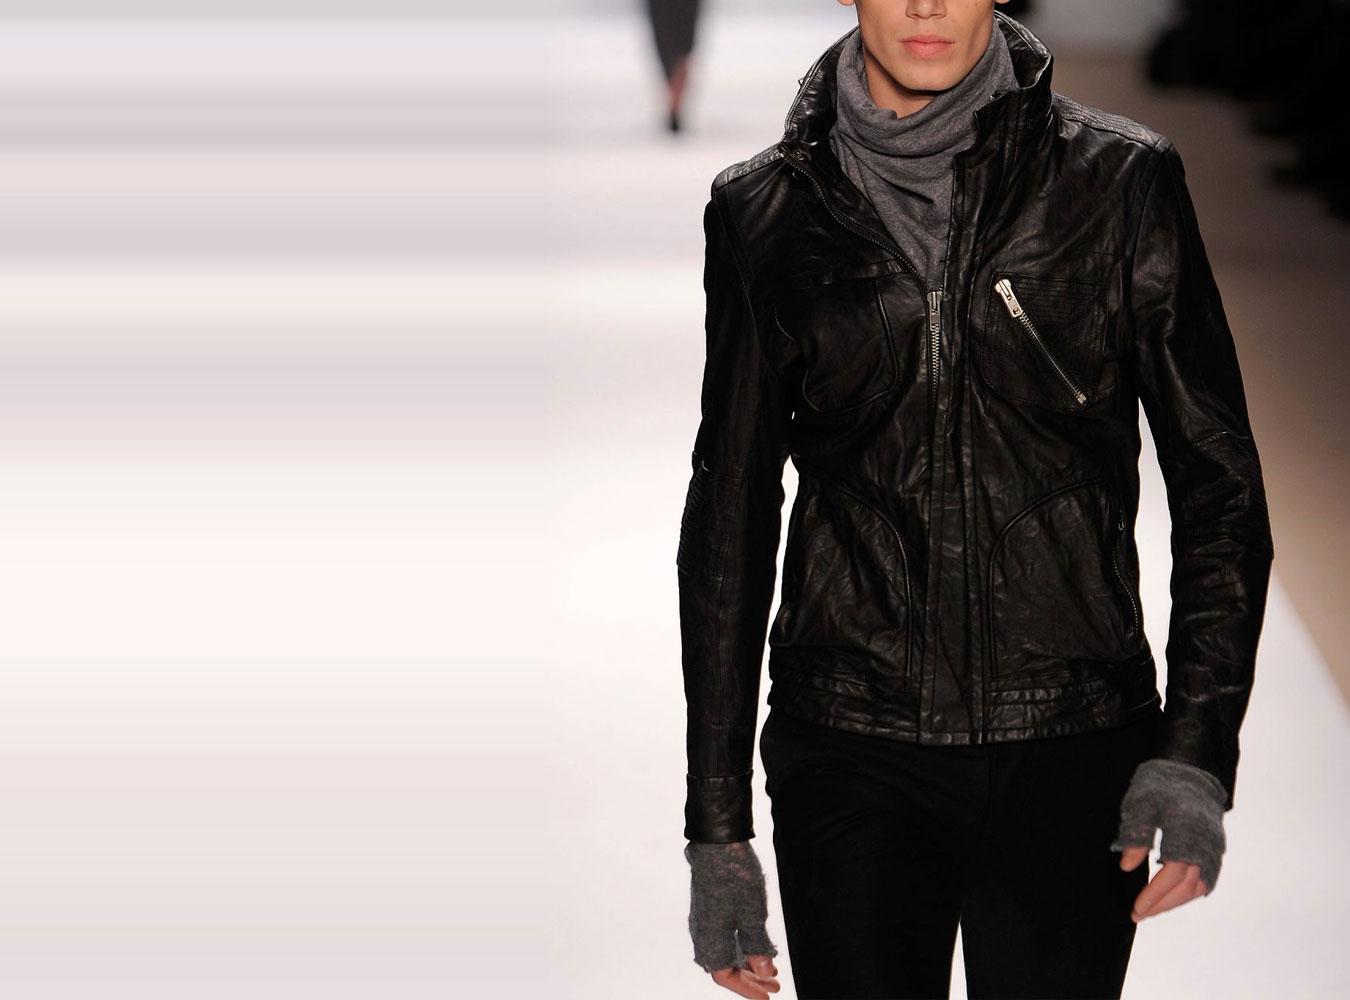 Leather jacket india - Luxury Fashion Style